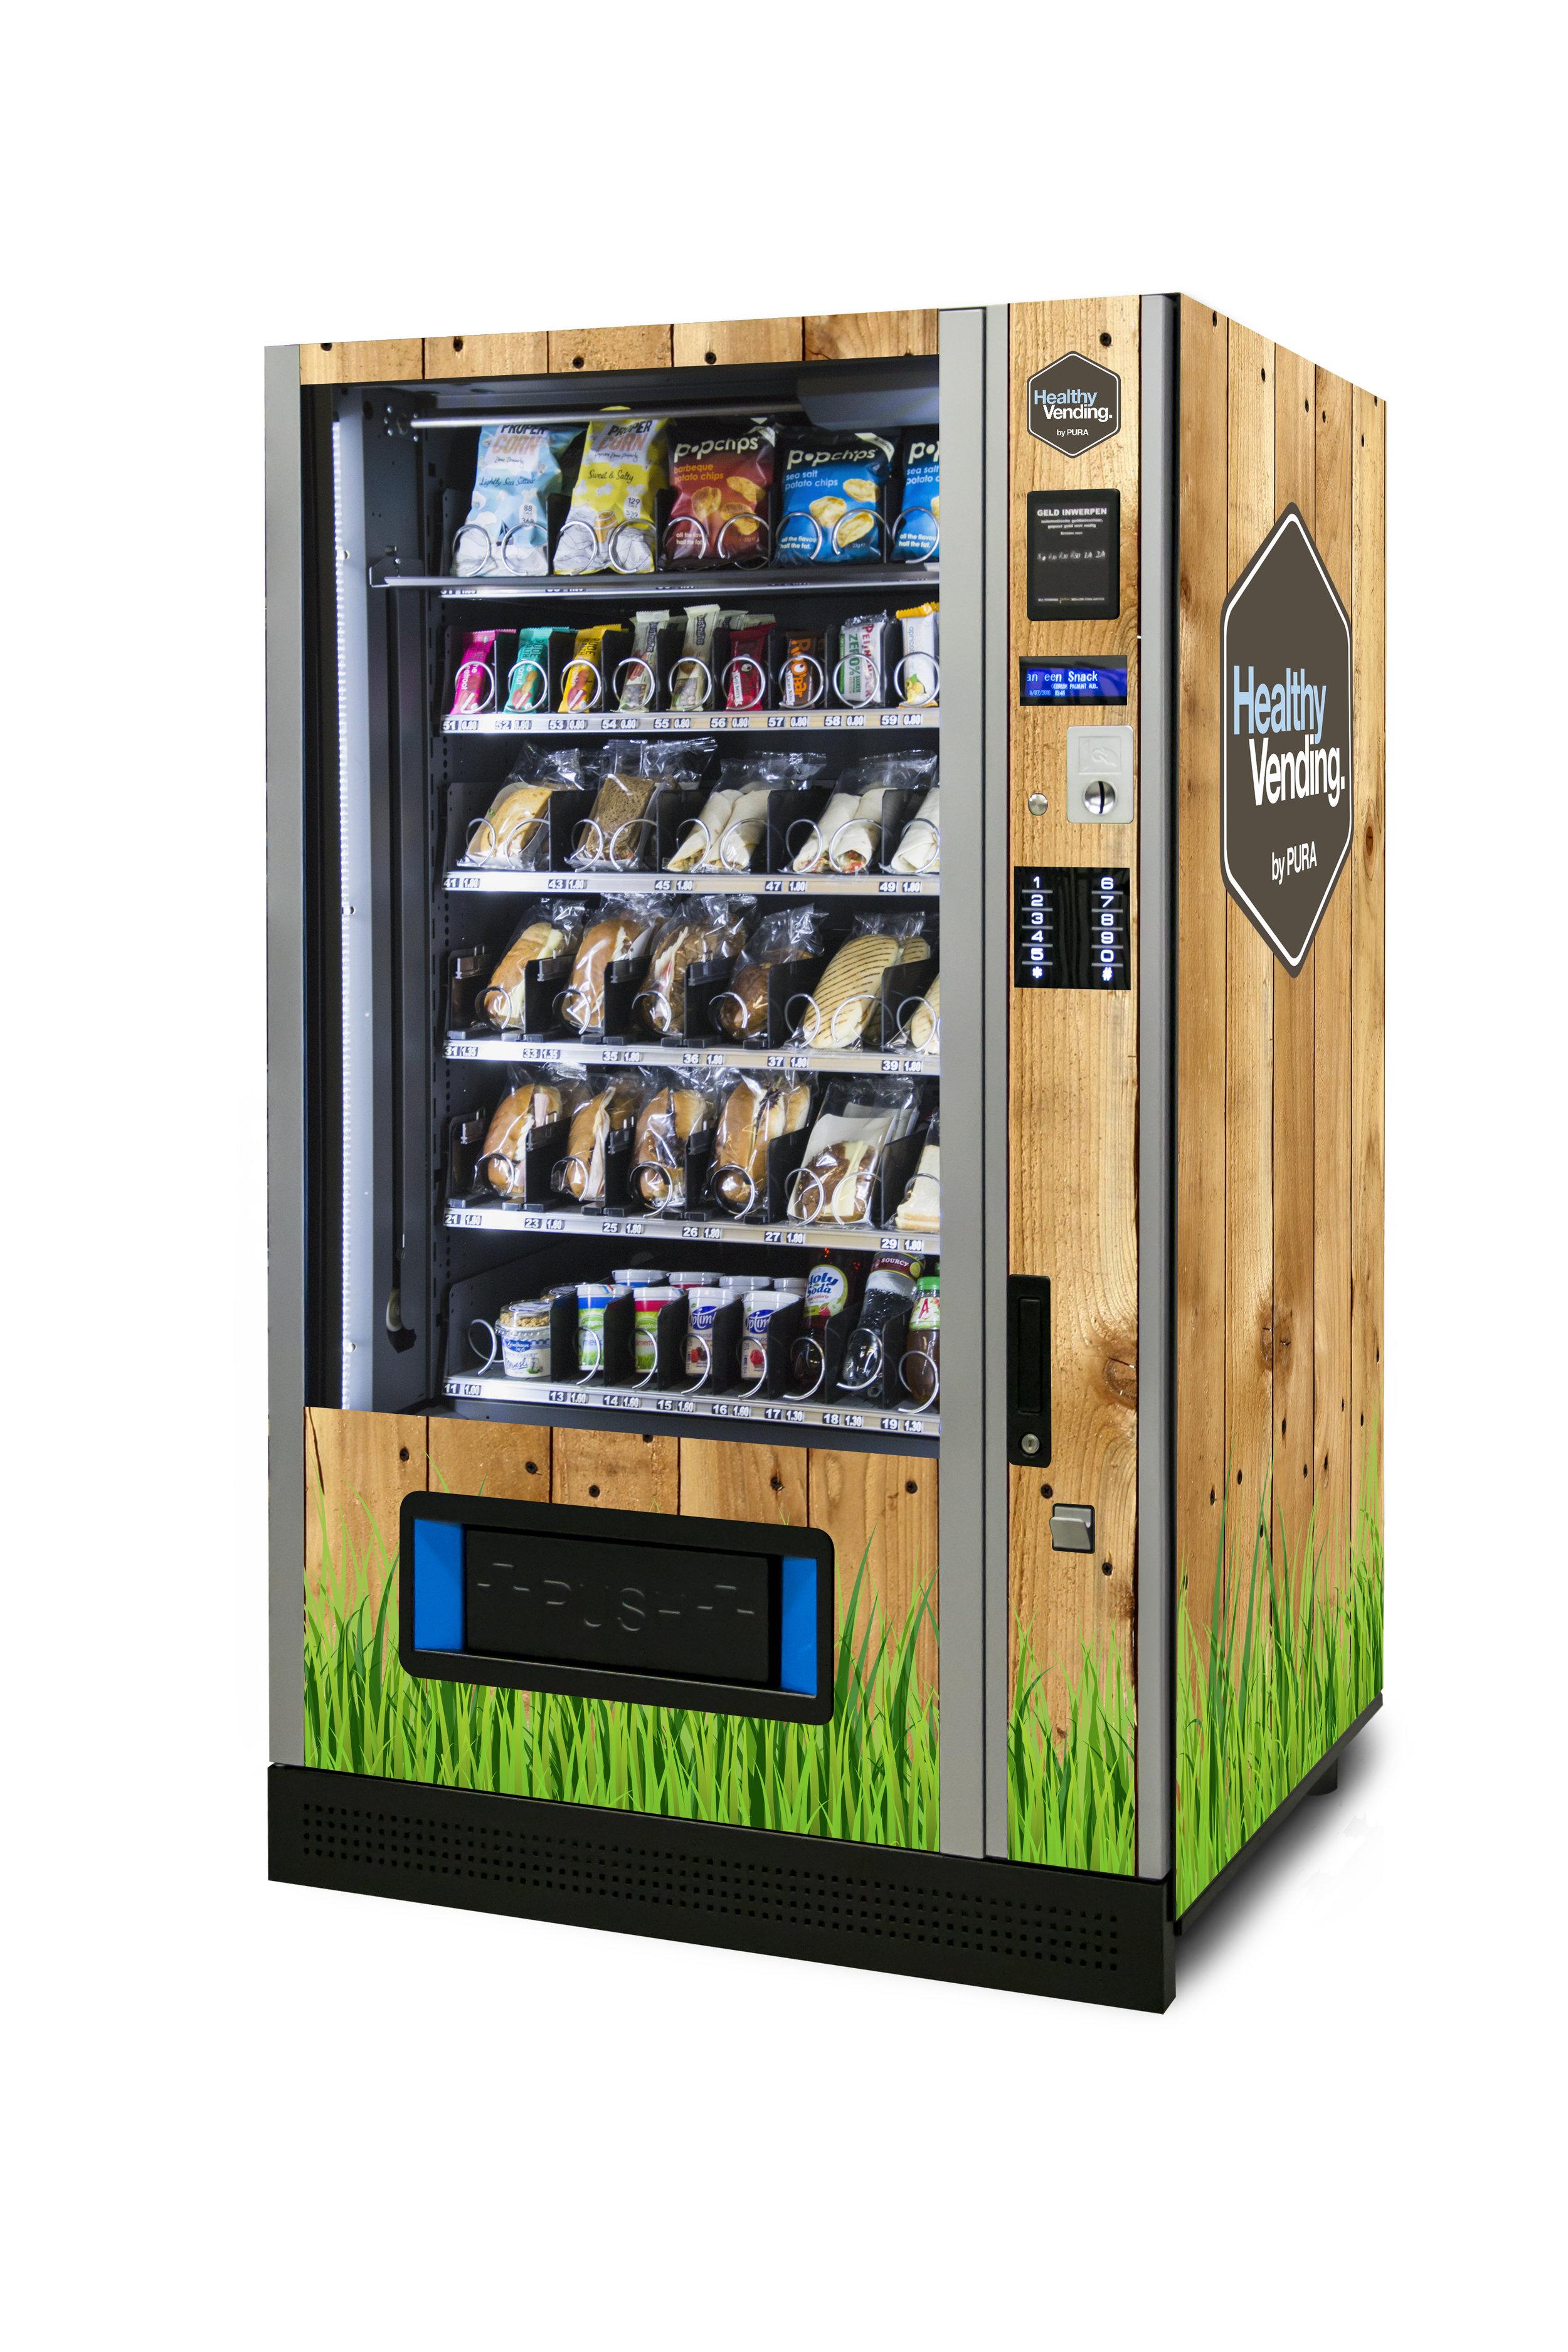 healthy-vending-automaat.jpg